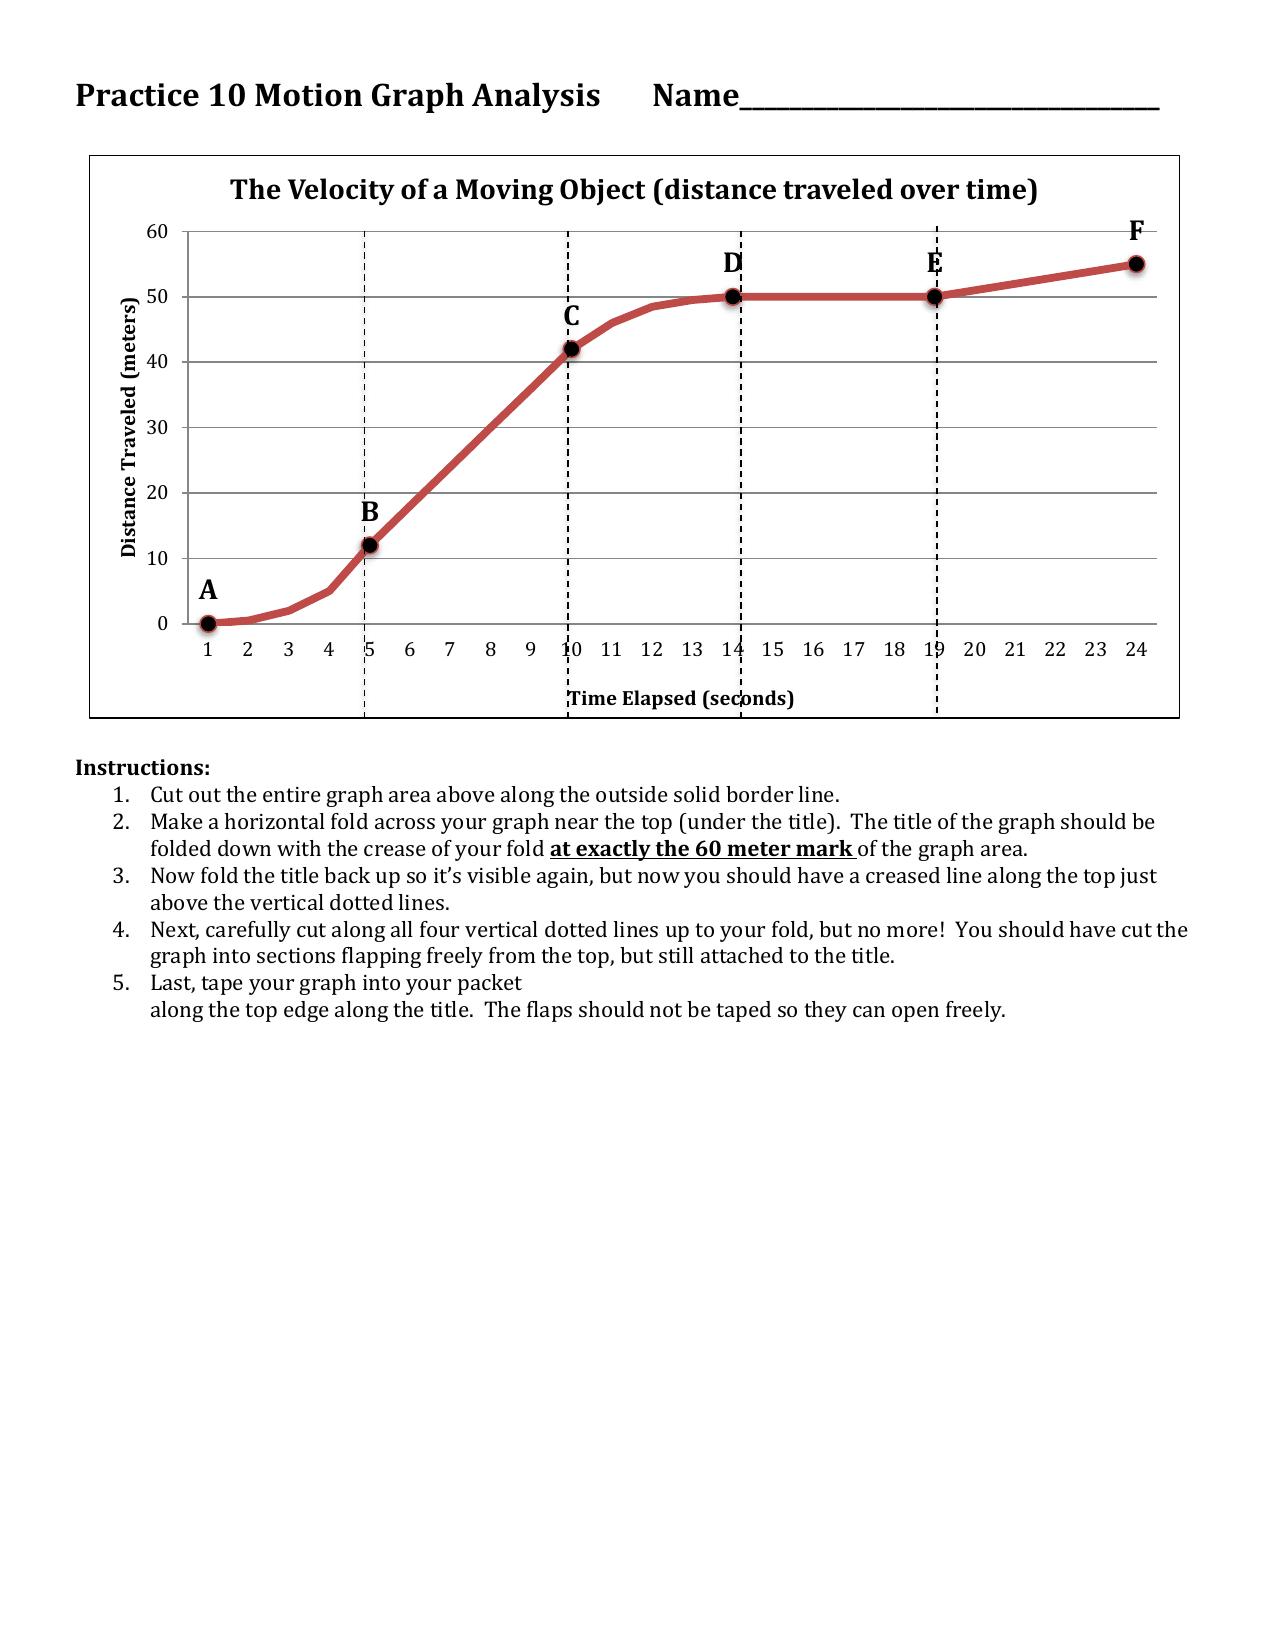 Motion Graph Analysis Worksheet Pertaining To Motion Graph Analysis Worksheet